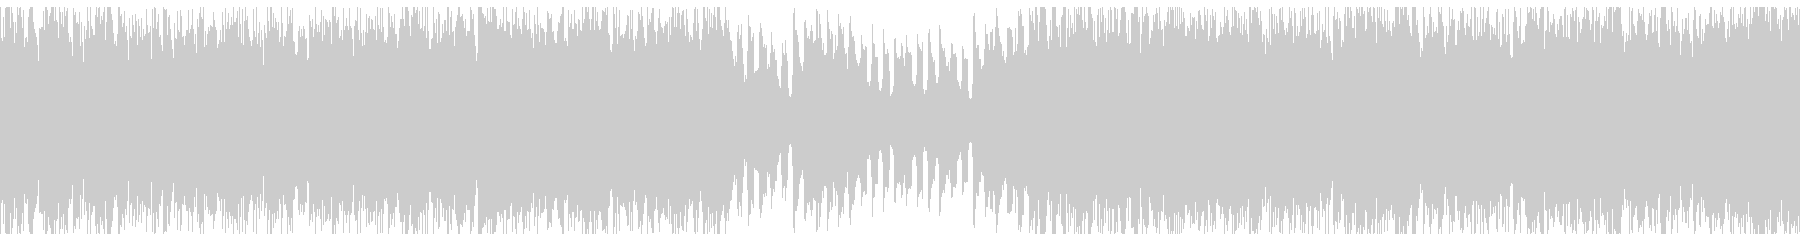 ピアノの旋律が印象的な4つ打ち曲の未再生の波形